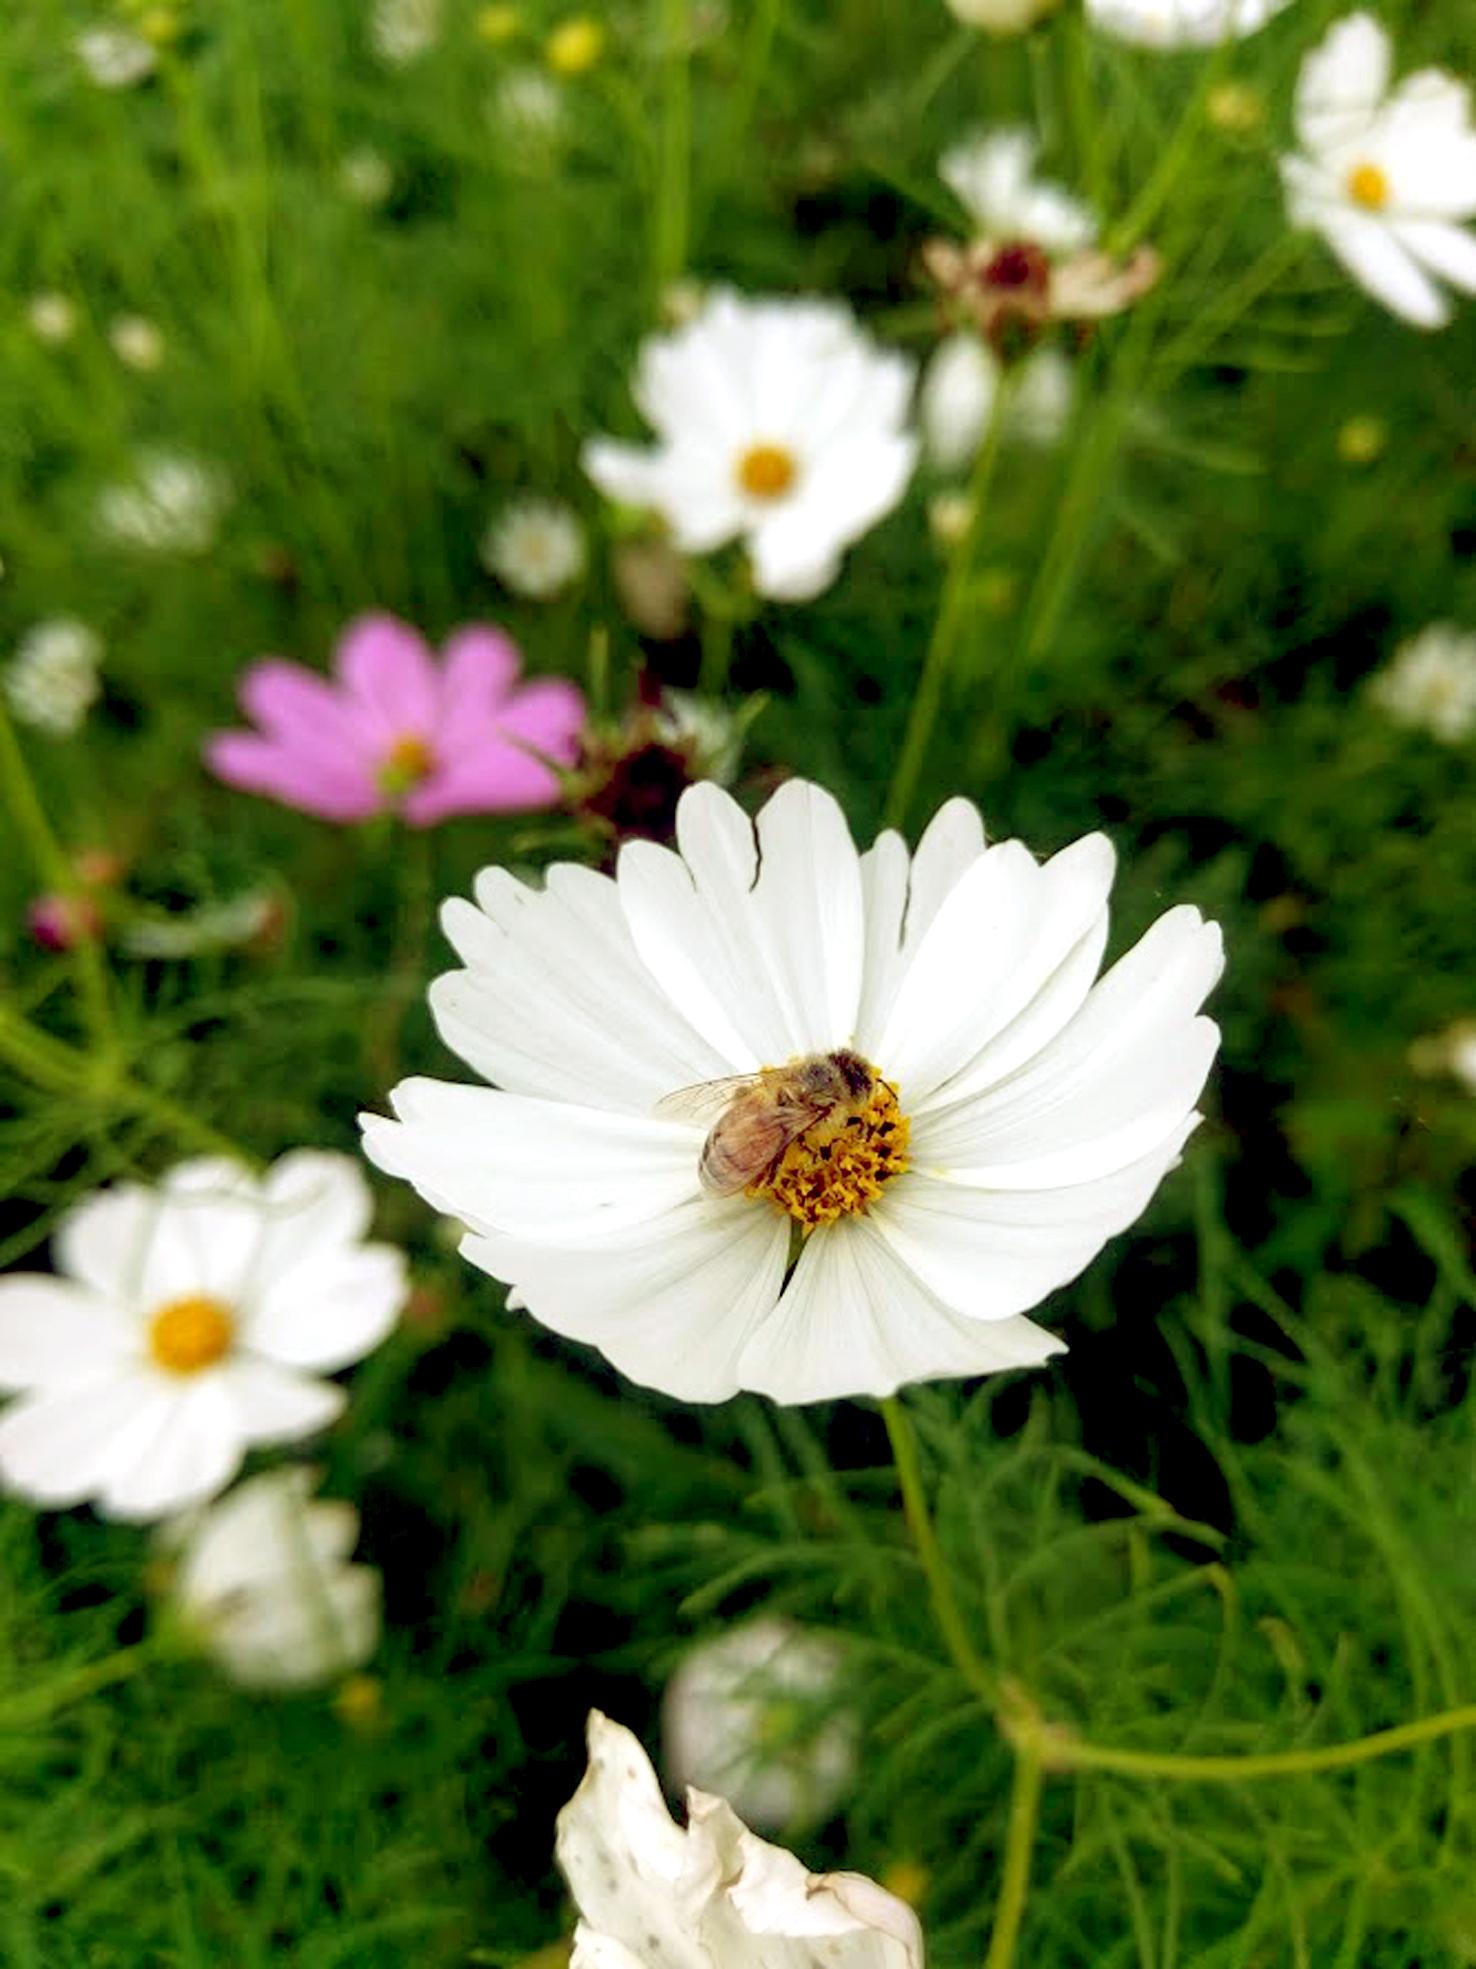 Gambar Hualien Kota Taiwan Tanaman Berbunga Daun Bunga Kosmos Taman Menanam Keluarga Daisy Bunga Liar Botani Rumput Musim Semi Serbuk Sari Asterales Tanaman Tahunan Kosmos Sulfur Tanaman Abadi 1476x1969 Ȋèœœ